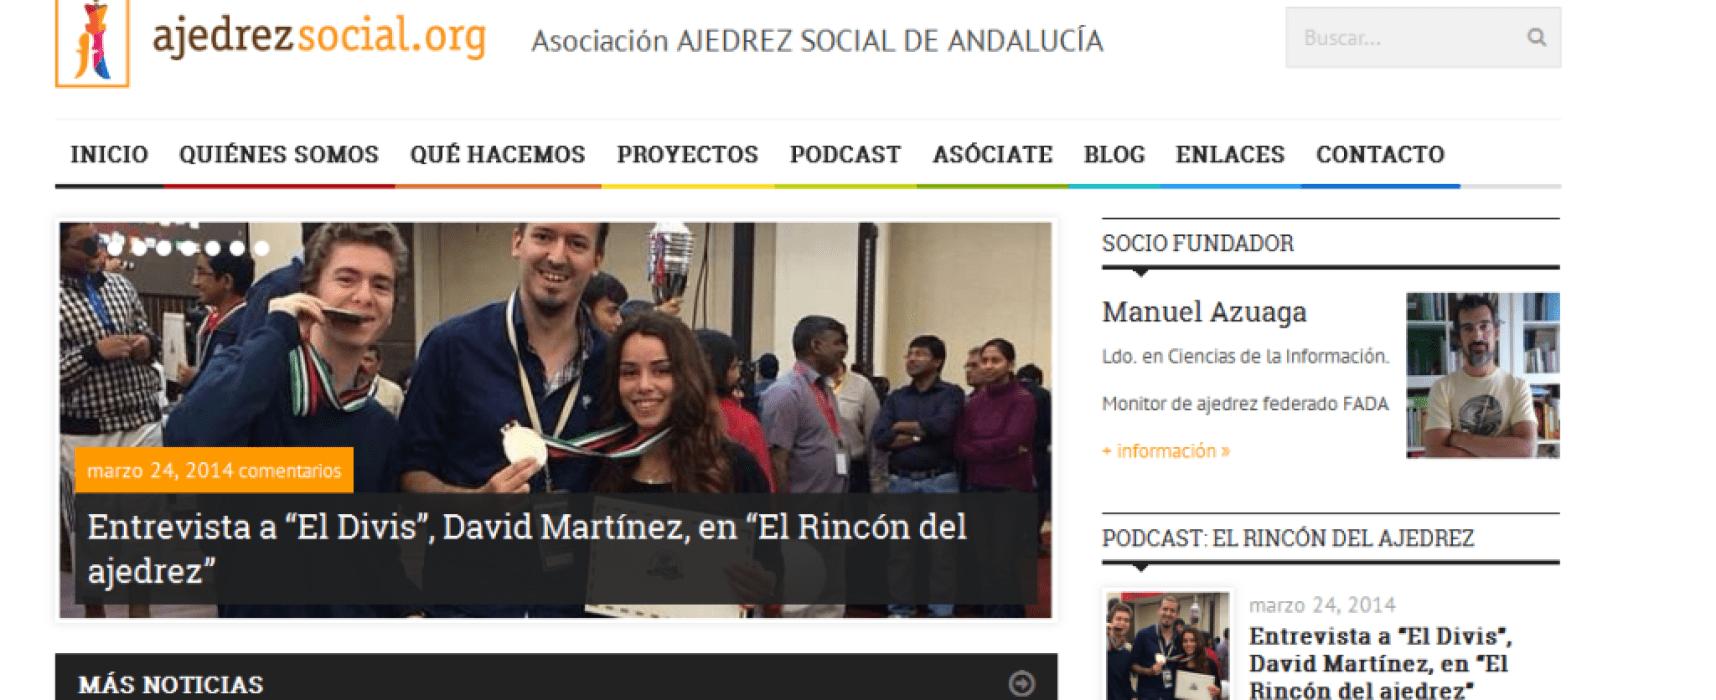 Magnífica acogida de www.ajedrezsocial.org en redes sociales y nº de visitas (más de 900 consultas)